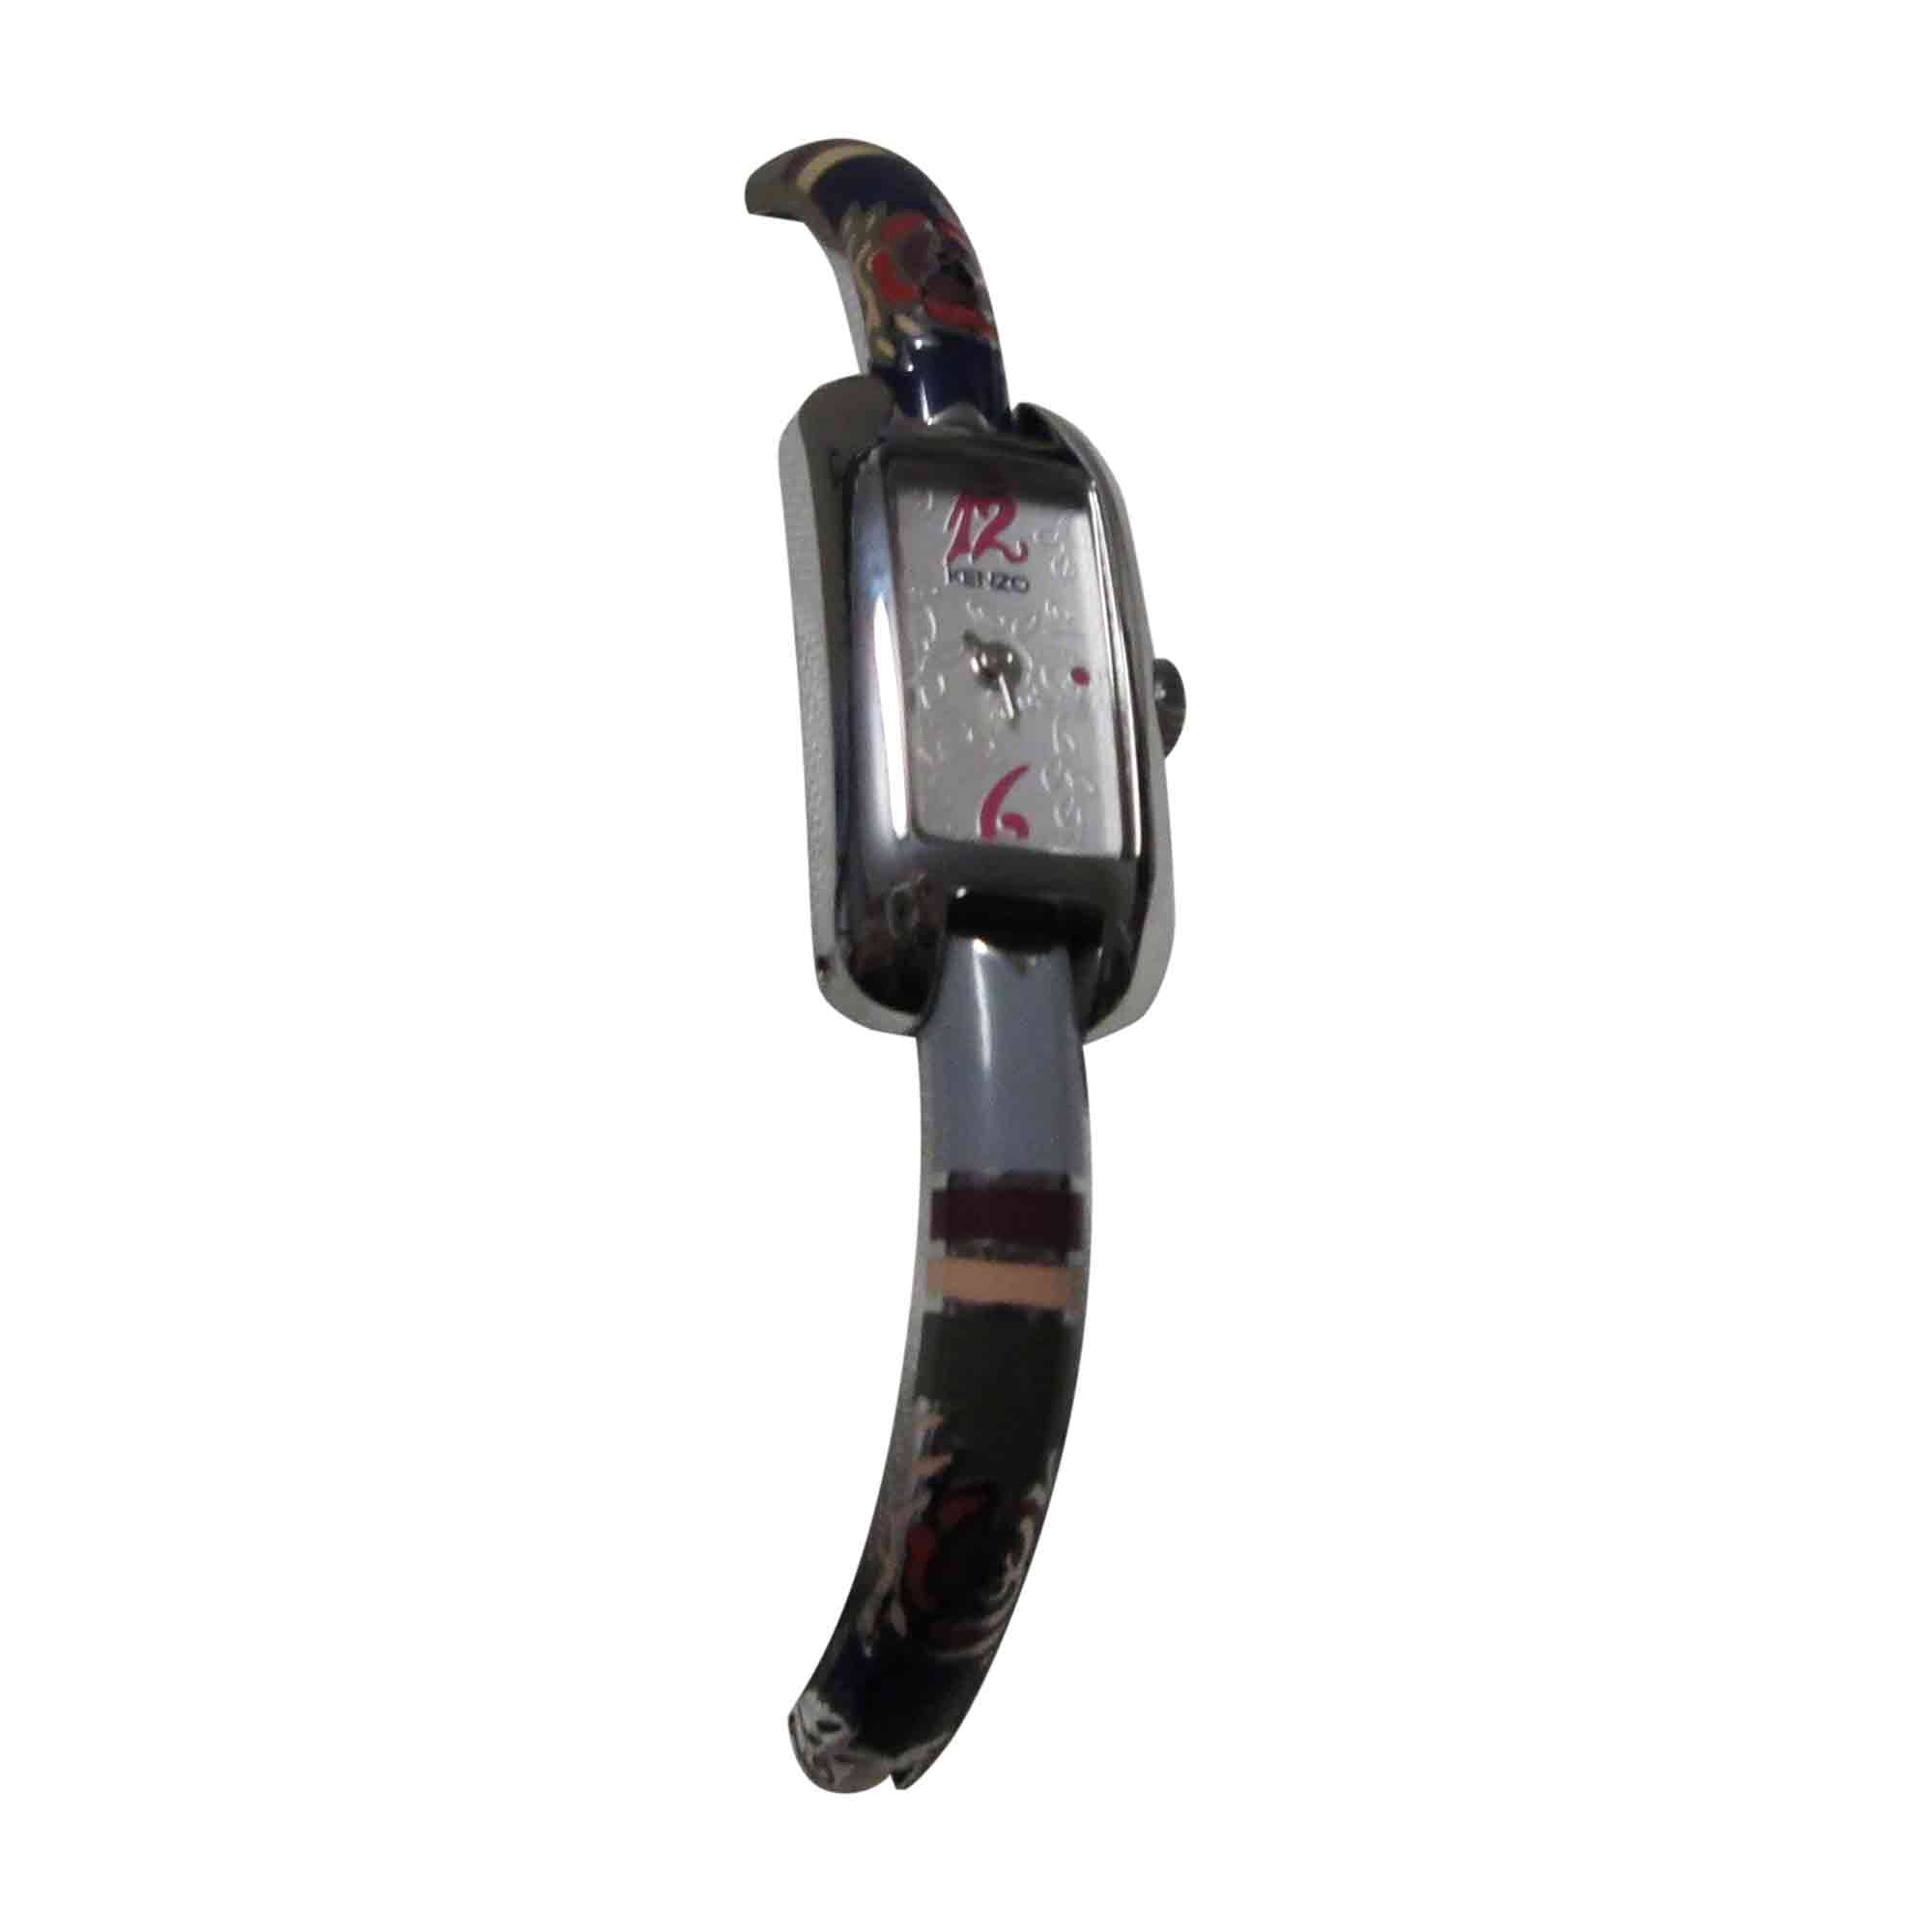 Wrist Watch KENZO Multicolor